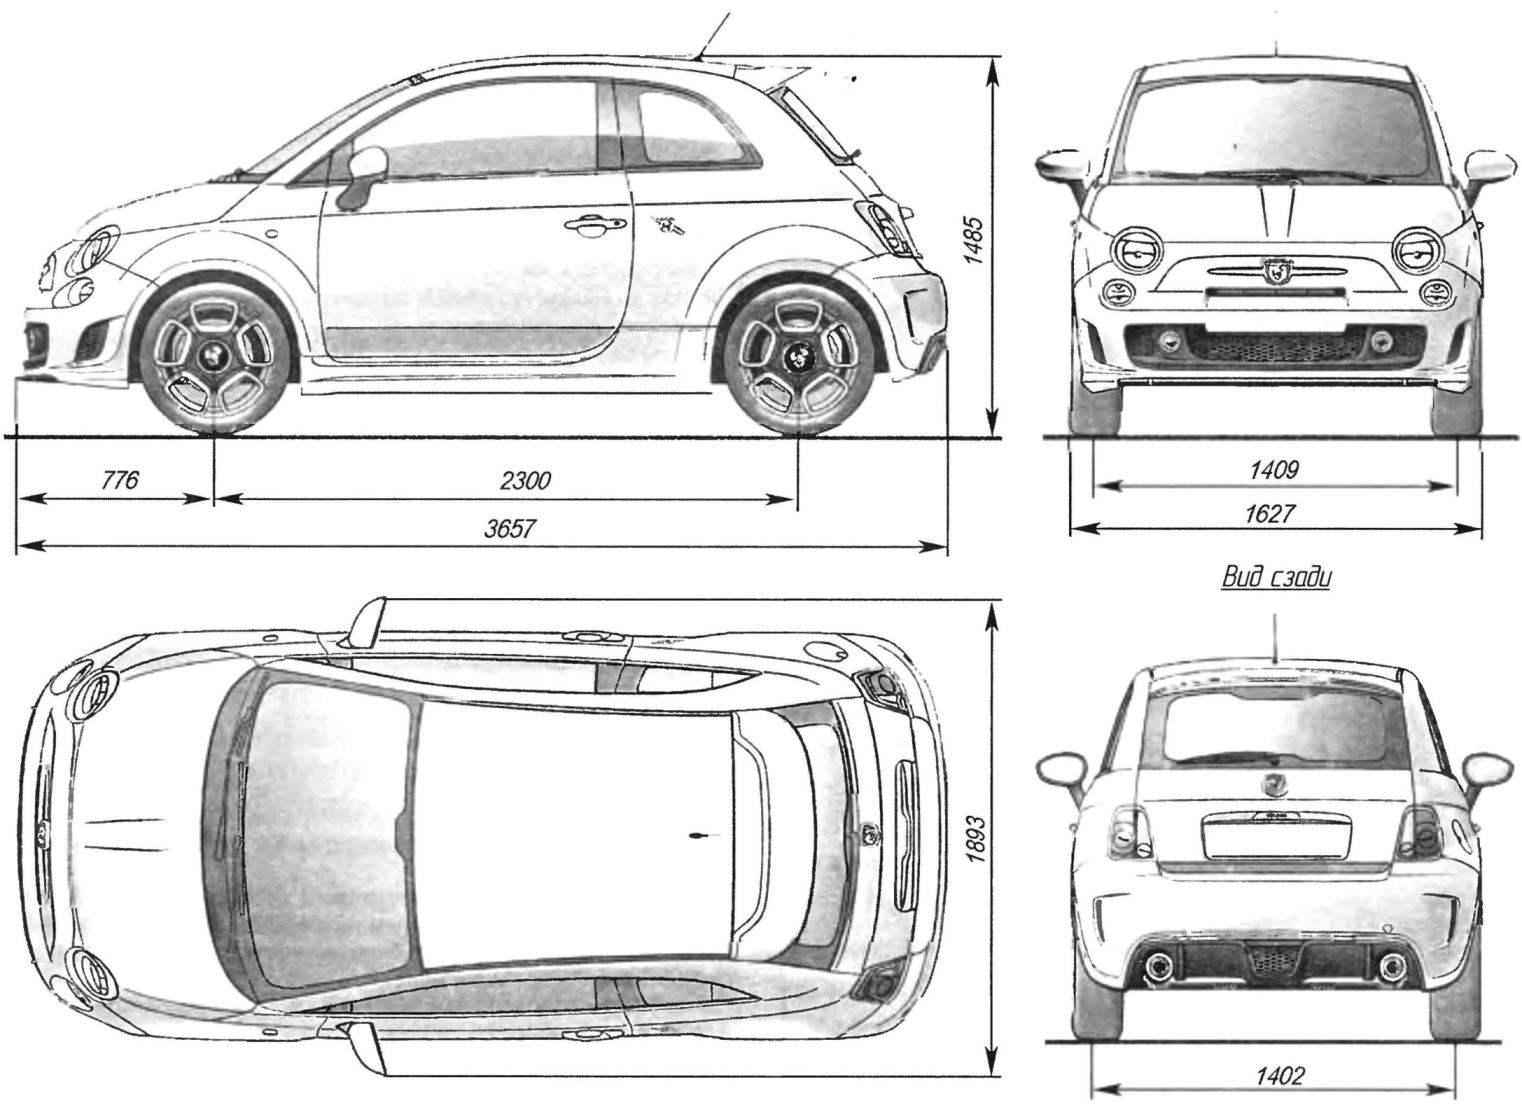 Геометрическая схема автомобиля FIAT-500 выпуска 2007 года